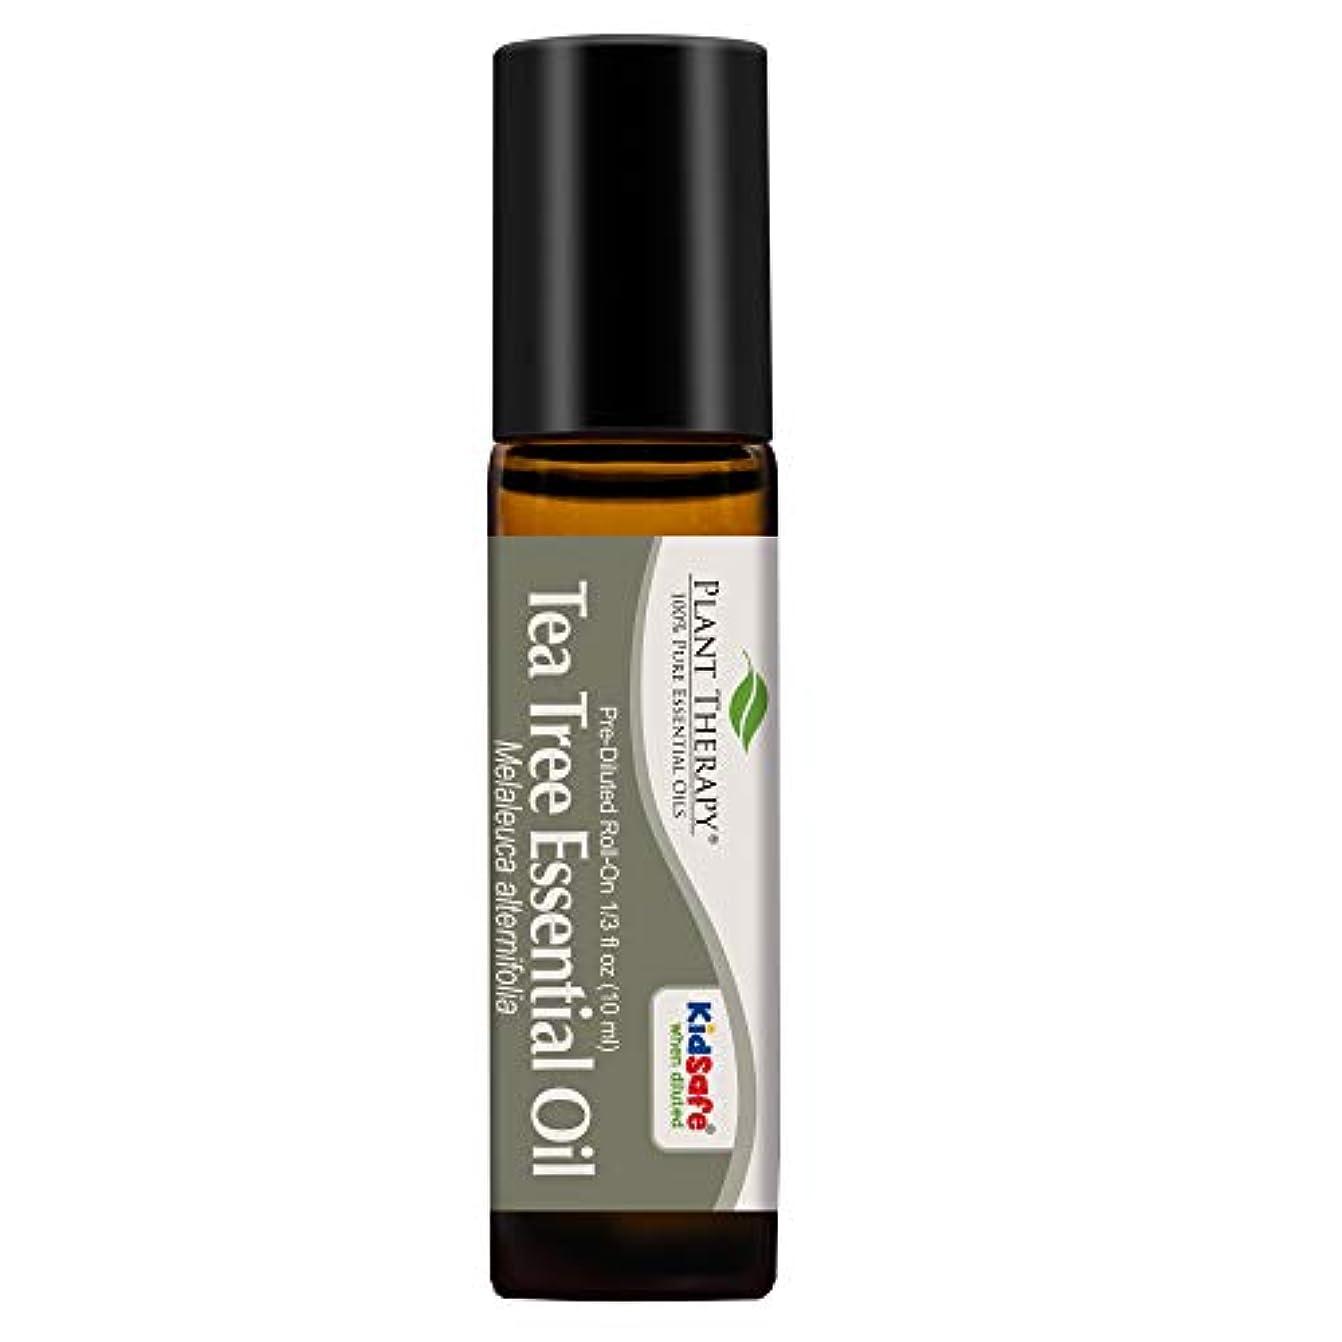 のスコア対象組み込むPlant Therapy Tea Tree Pre-Diluted Roll-On 10 ml (1/3 fl oz) 100% Pure, Therapeutic Grade